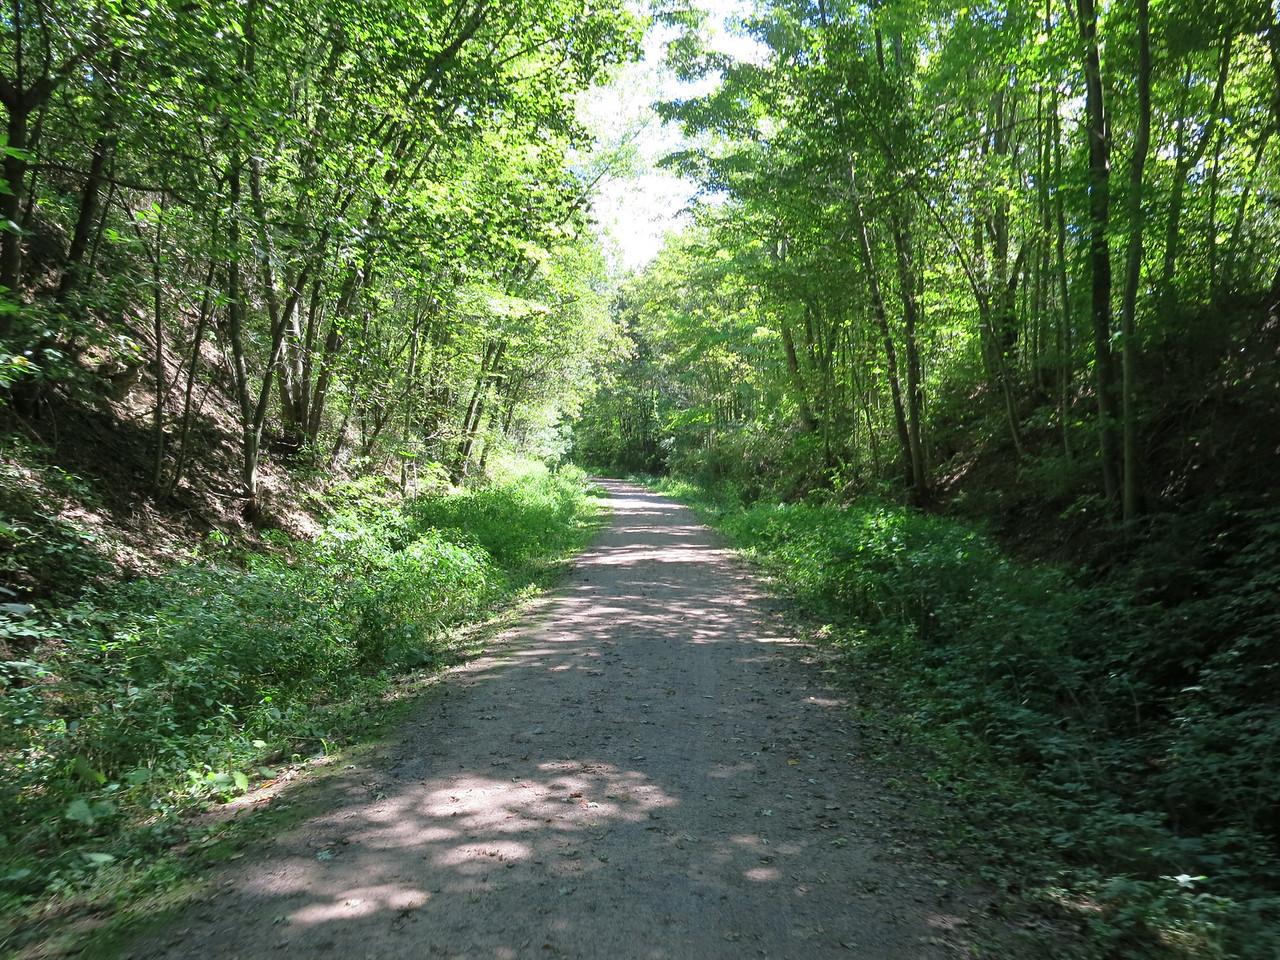 The trail follows a cut through the hillside